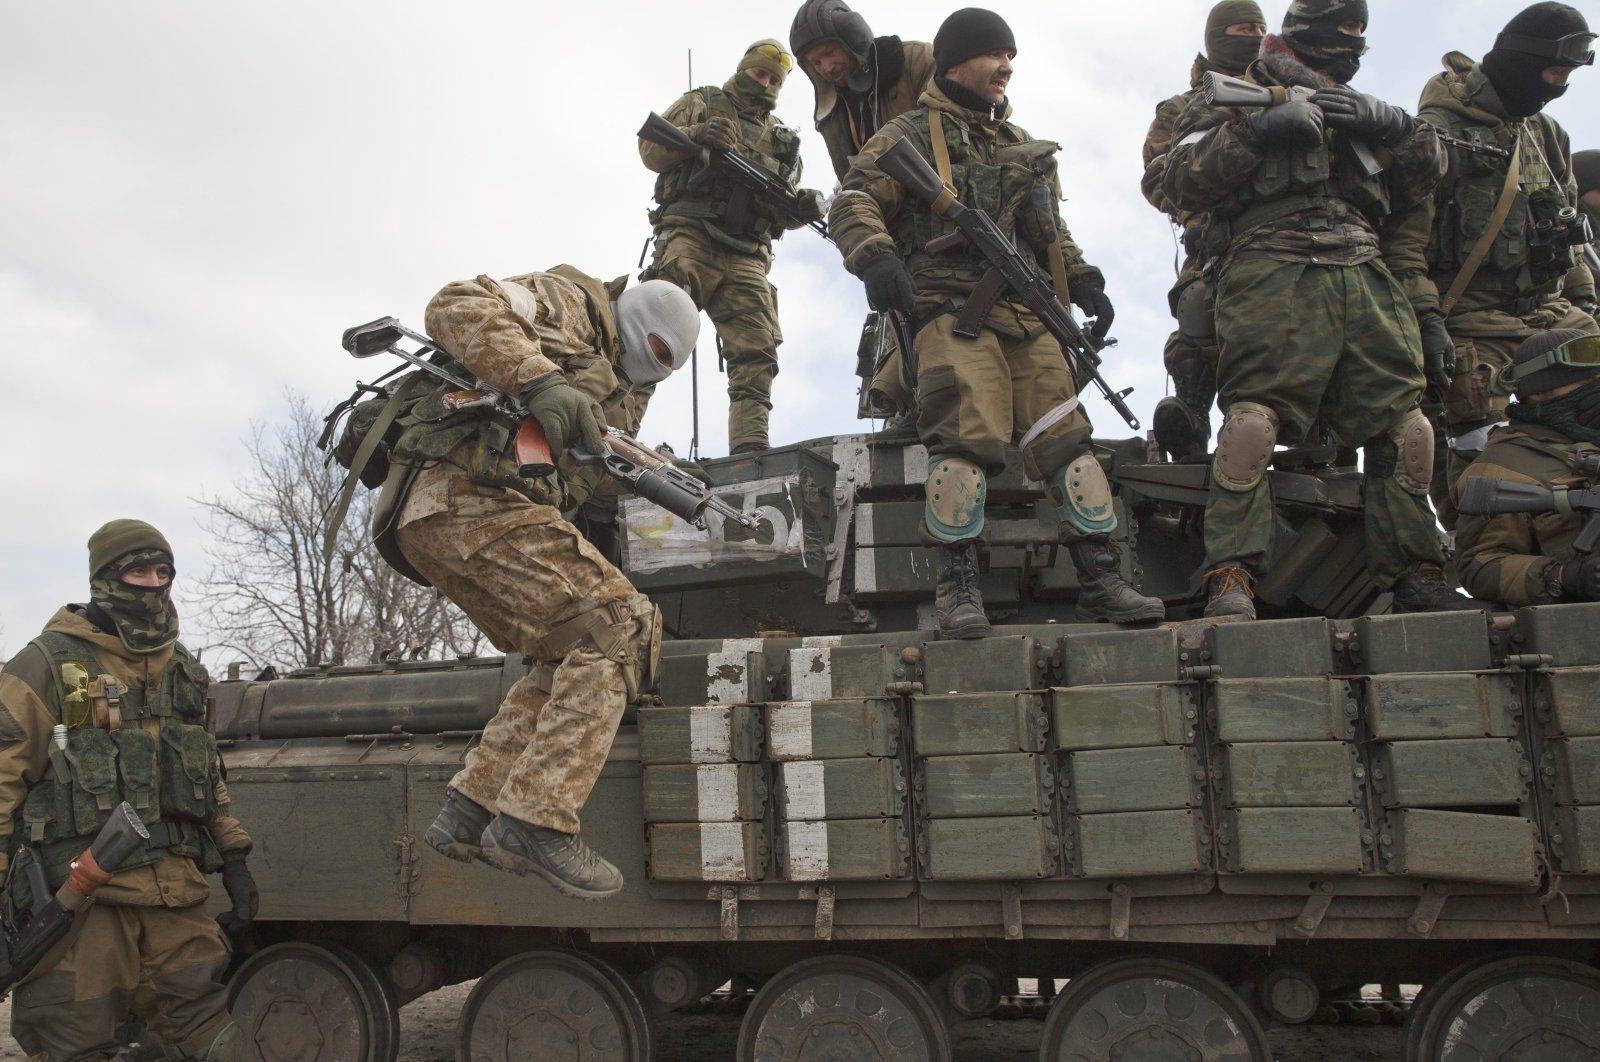 A Russia-backed rebel jumps off a tank in Debaltseve, Ukraine, Feb. 20, 2015. (AP Photo)